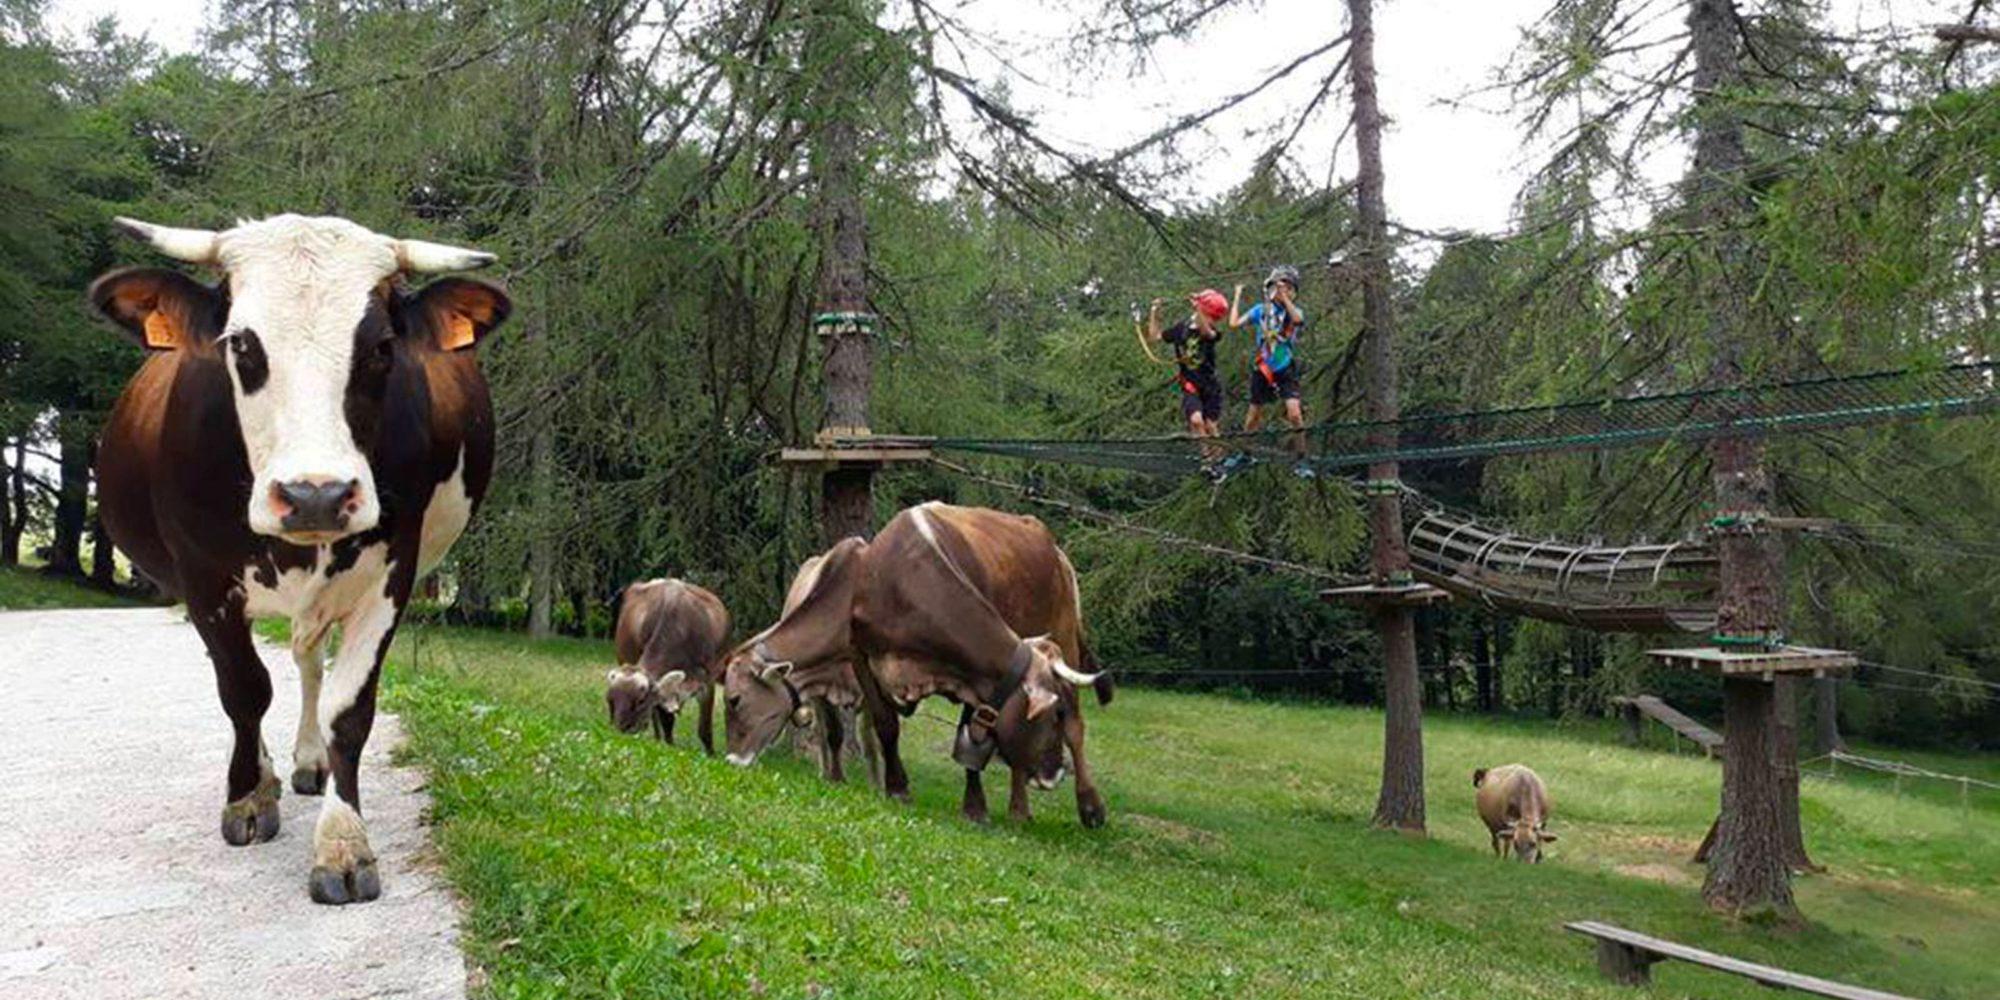 Mucche pascolano nei prati verdi del parco divertimenti vicino a Lecco